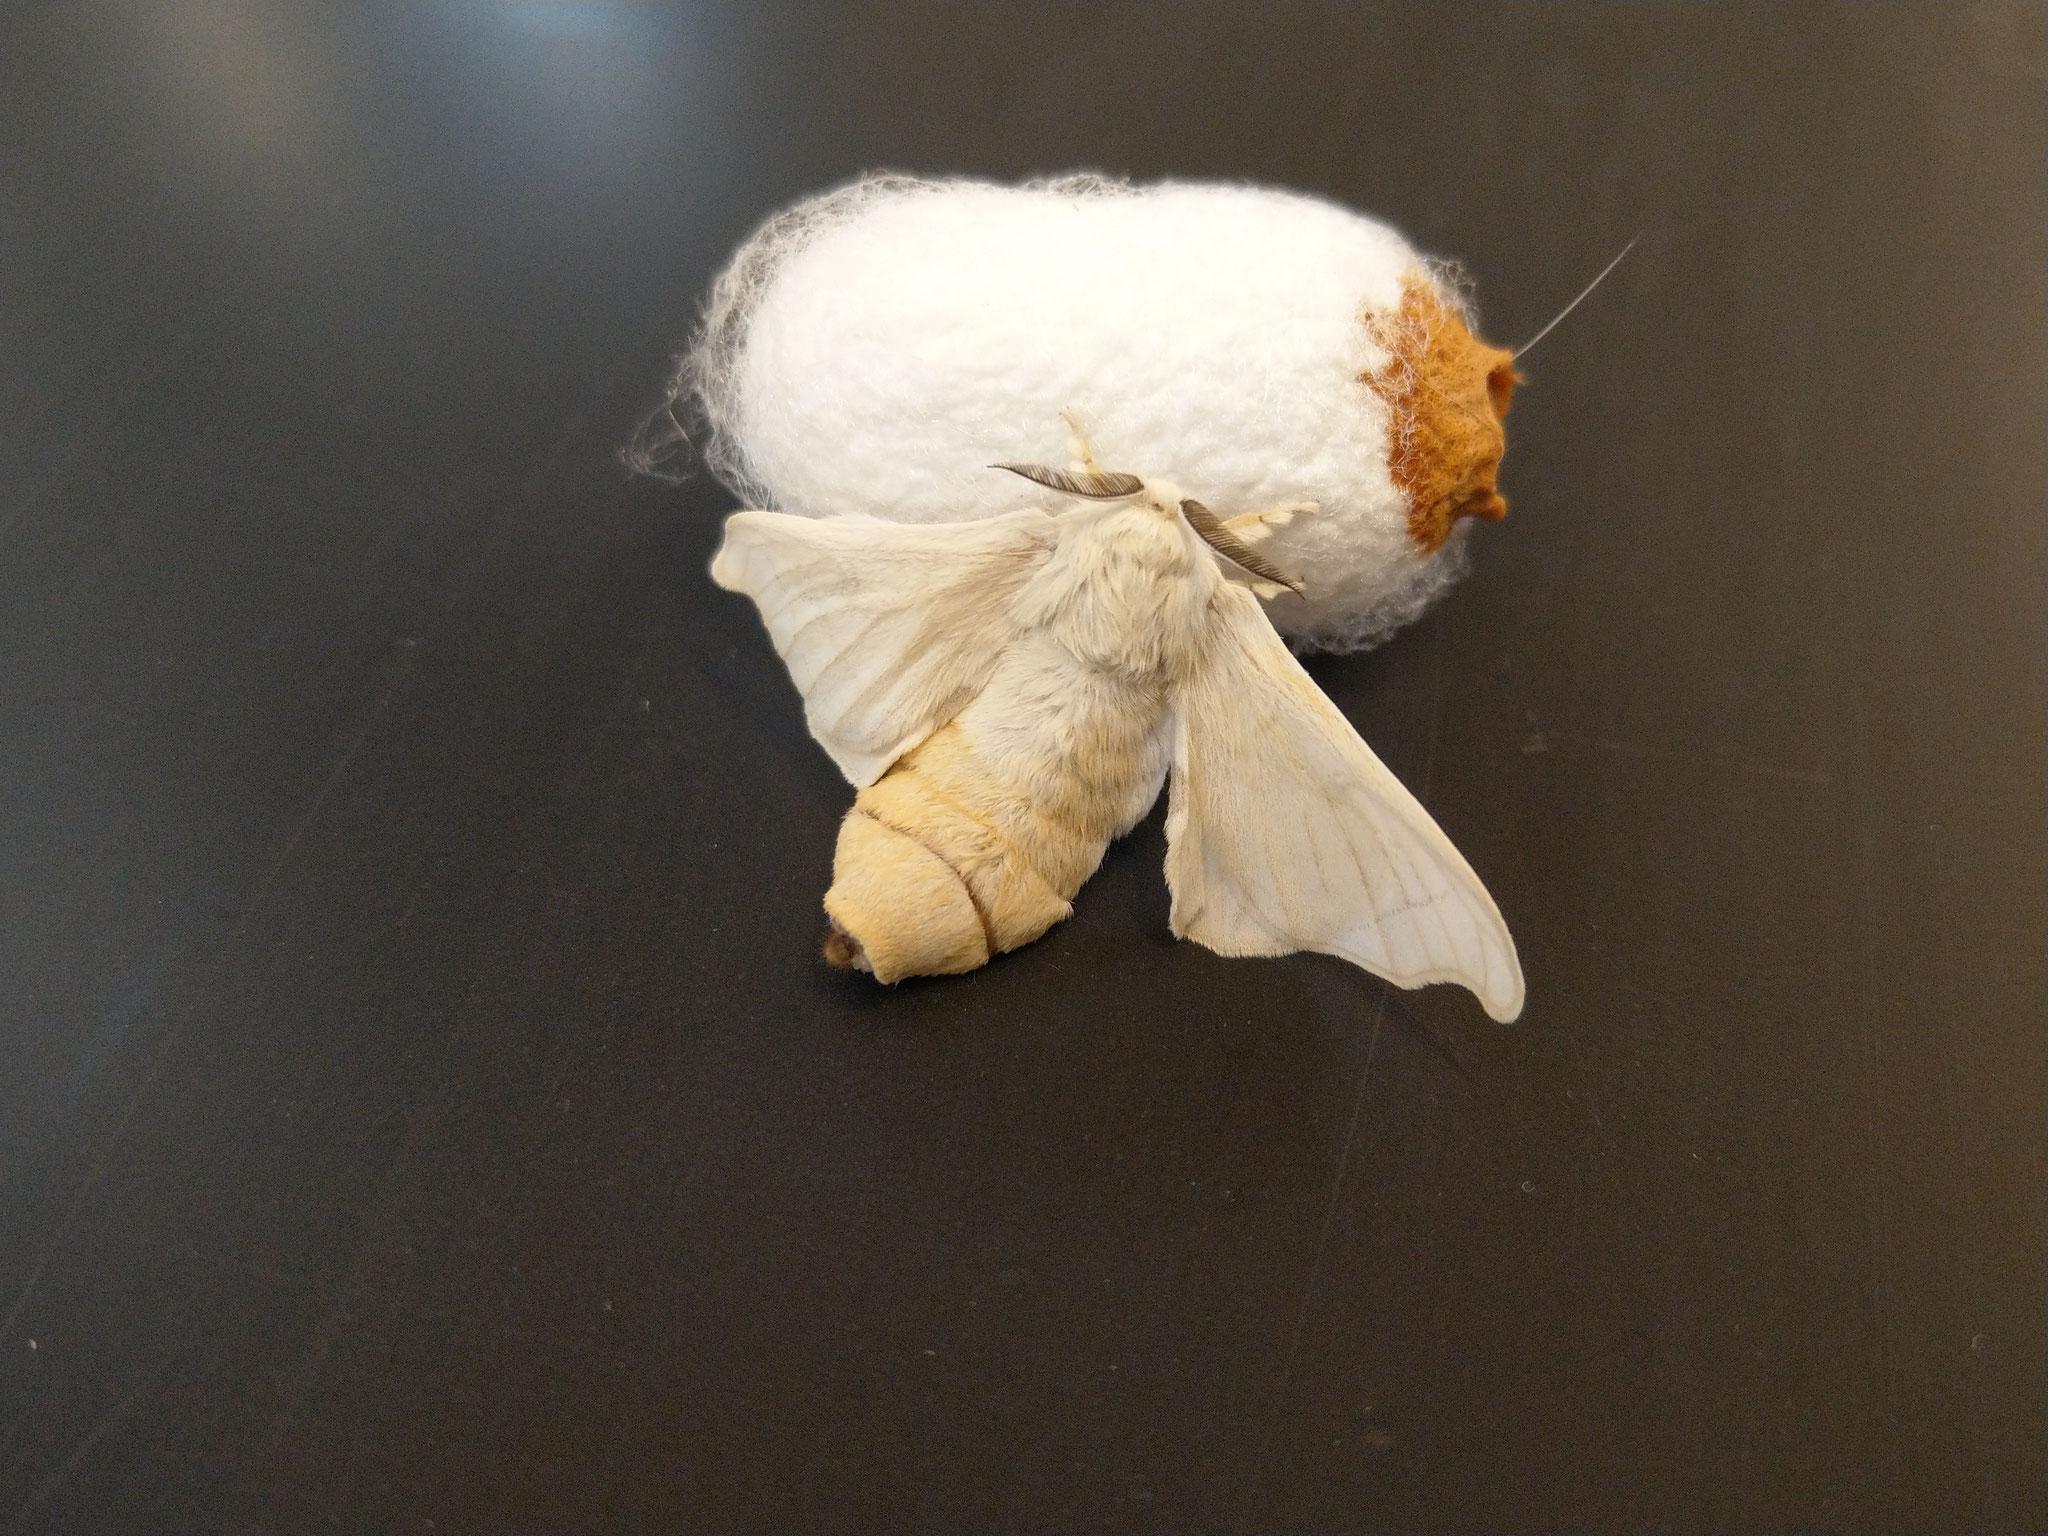 Tag 90: die Lebensdauer des Schmetterlings ist auf ein paar wenige Tage beschränkt